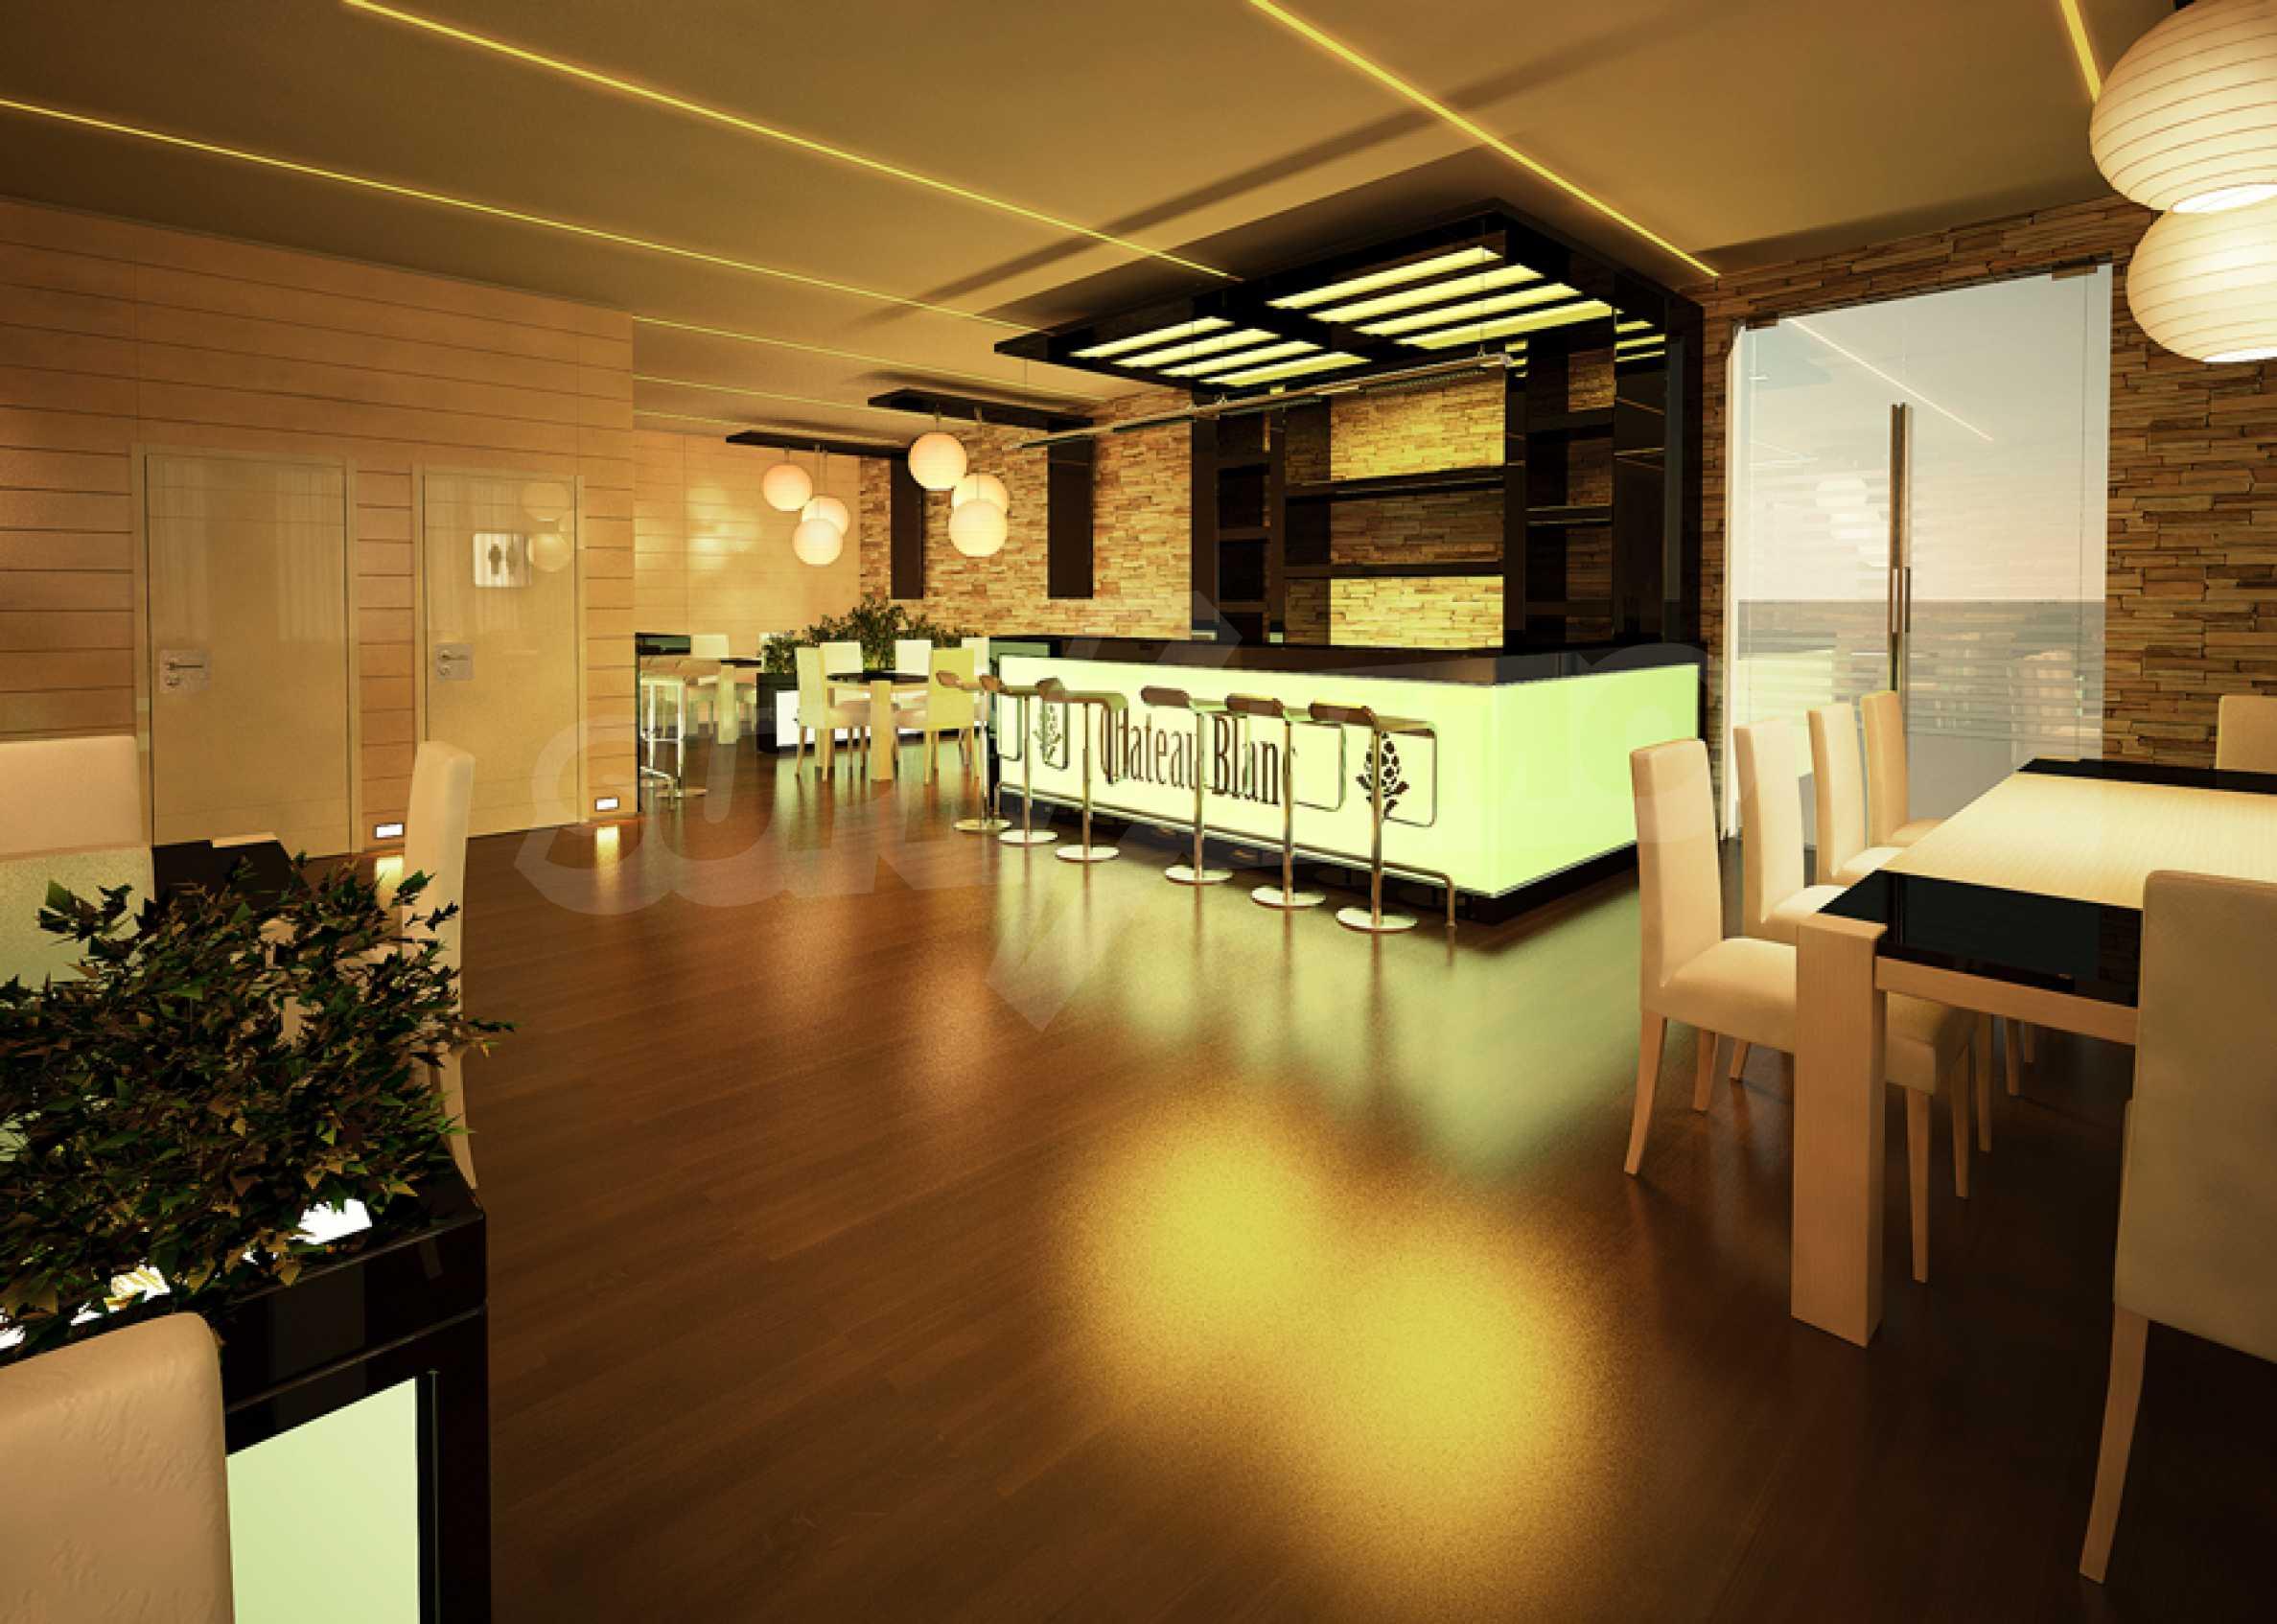 Chateau Blanc (Шато Блан): Возможно лучшая возможность для инвестиции в Банско 22